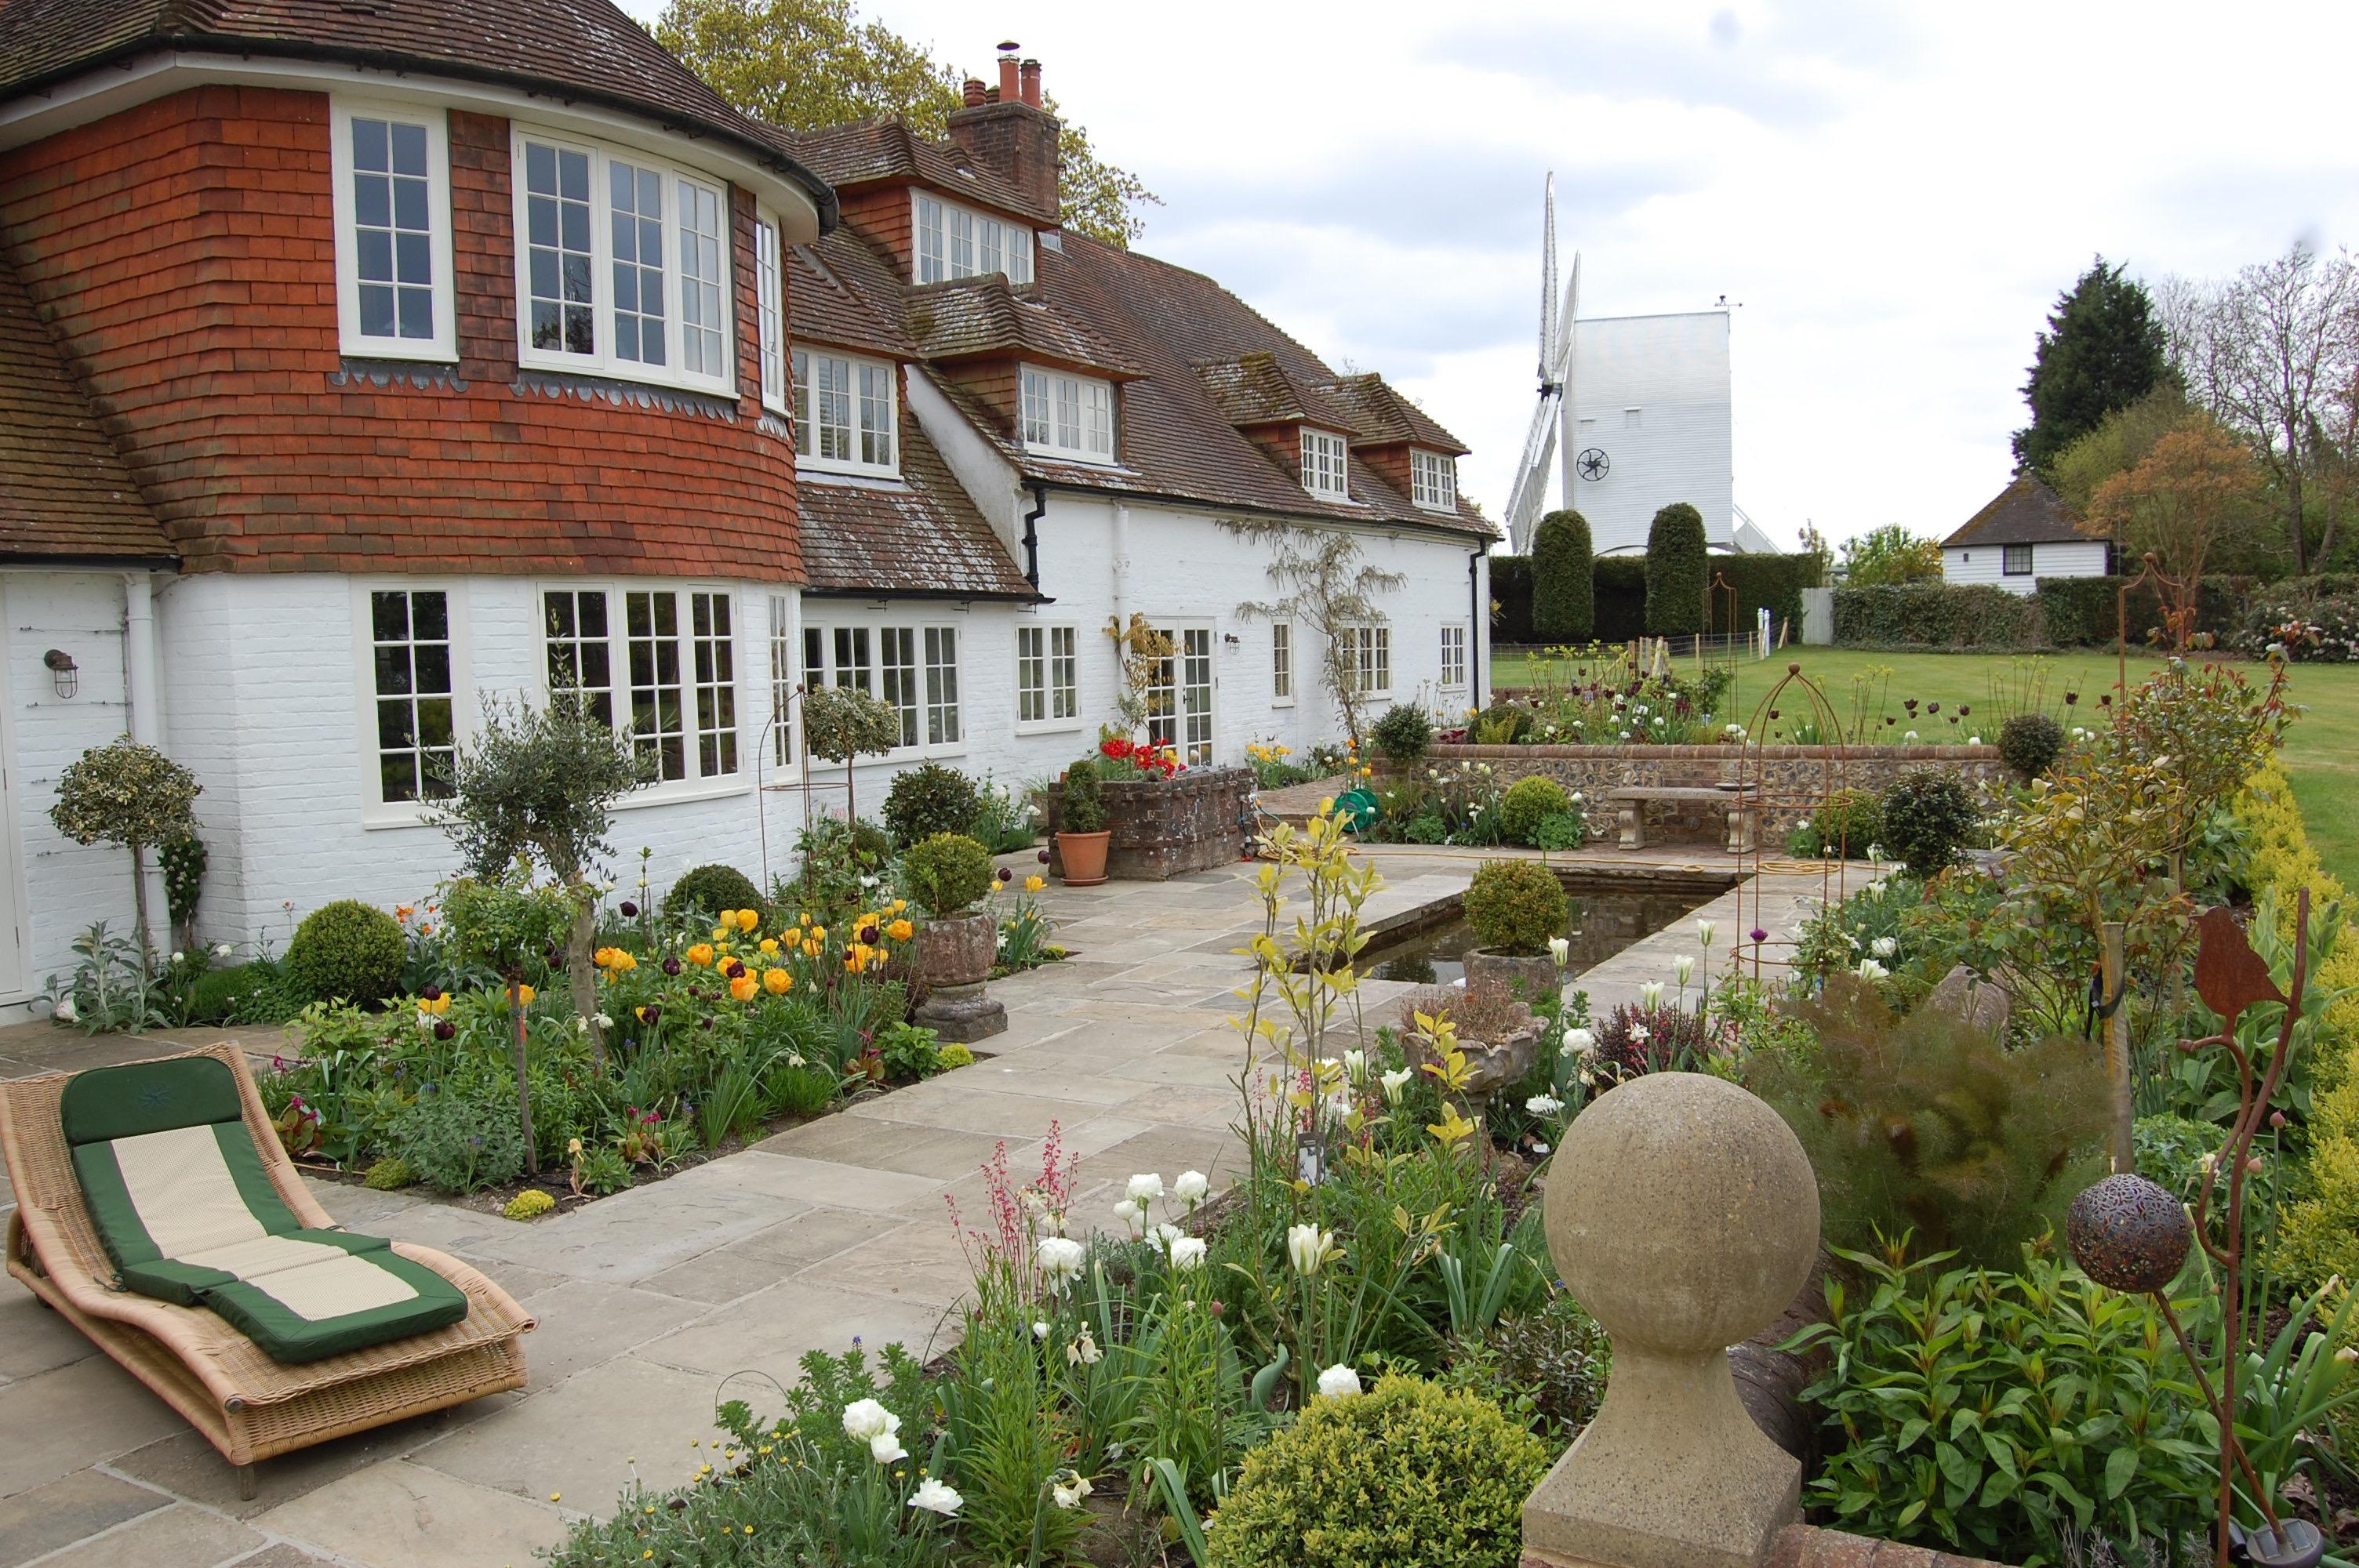 Ben MacDonald Garden Design